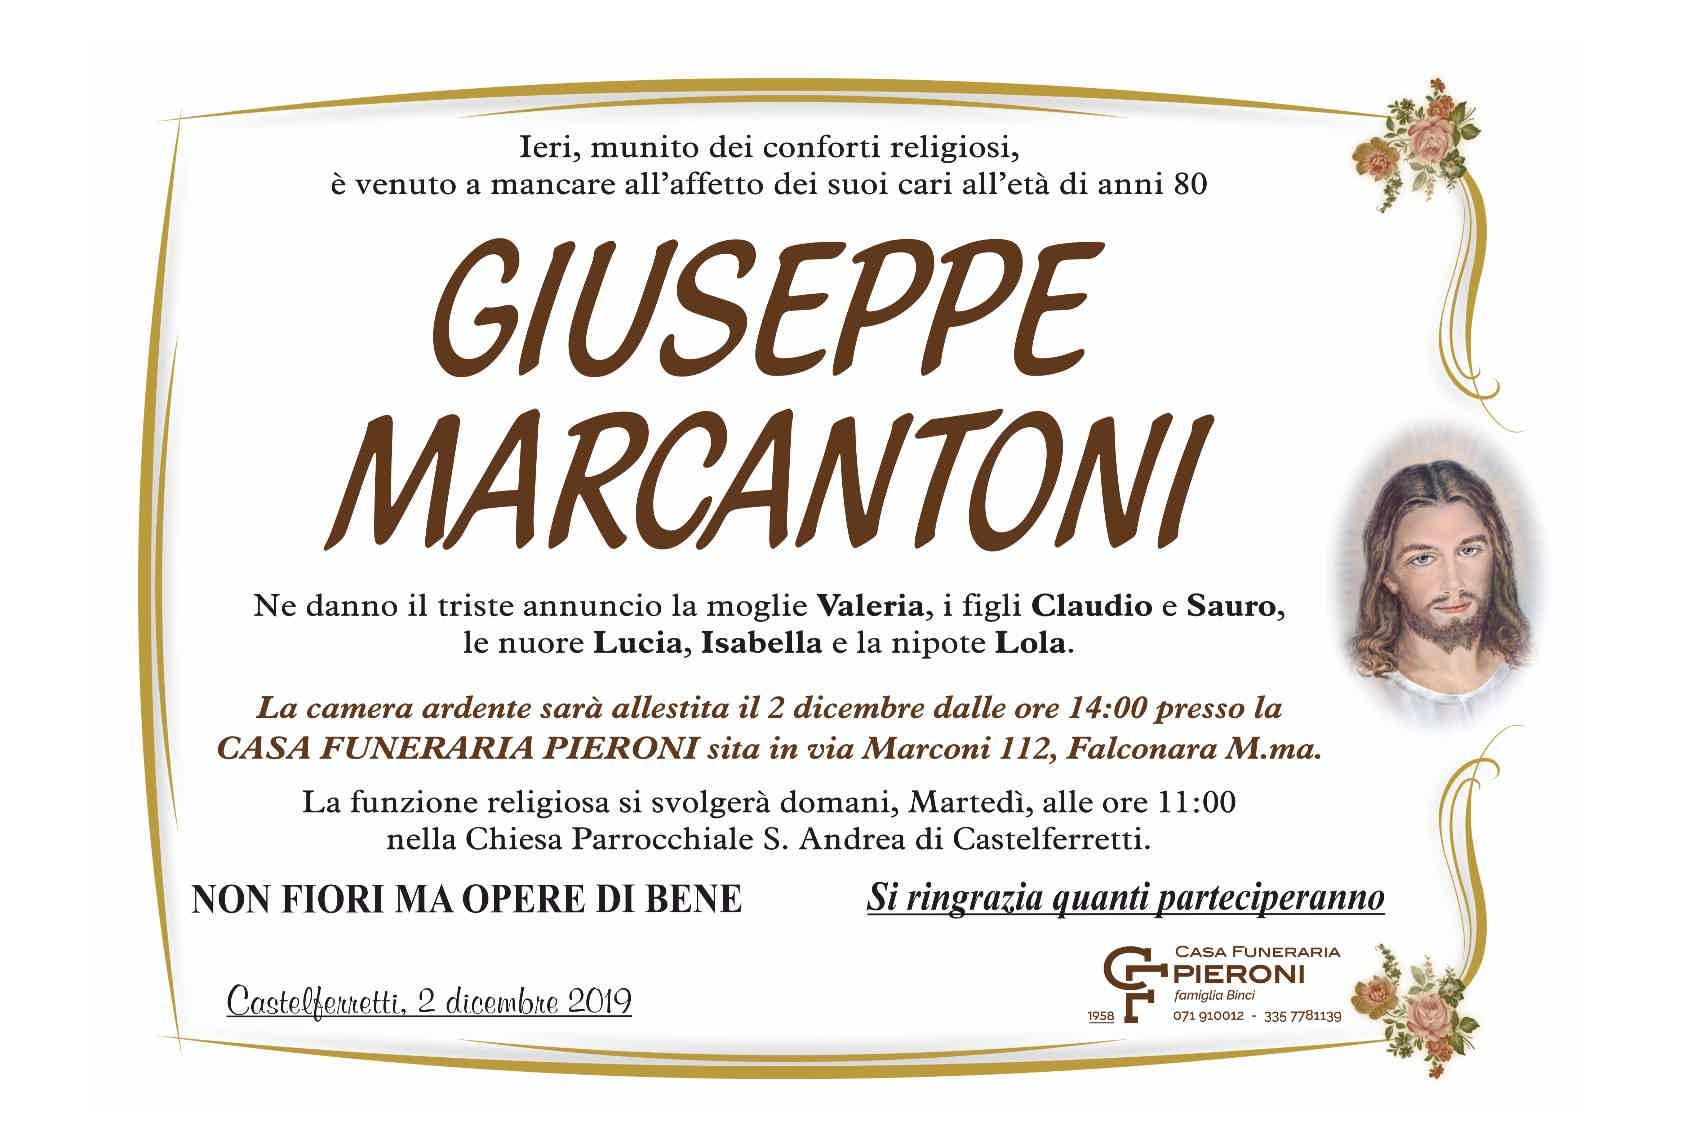 Giuseppe Marcantoni